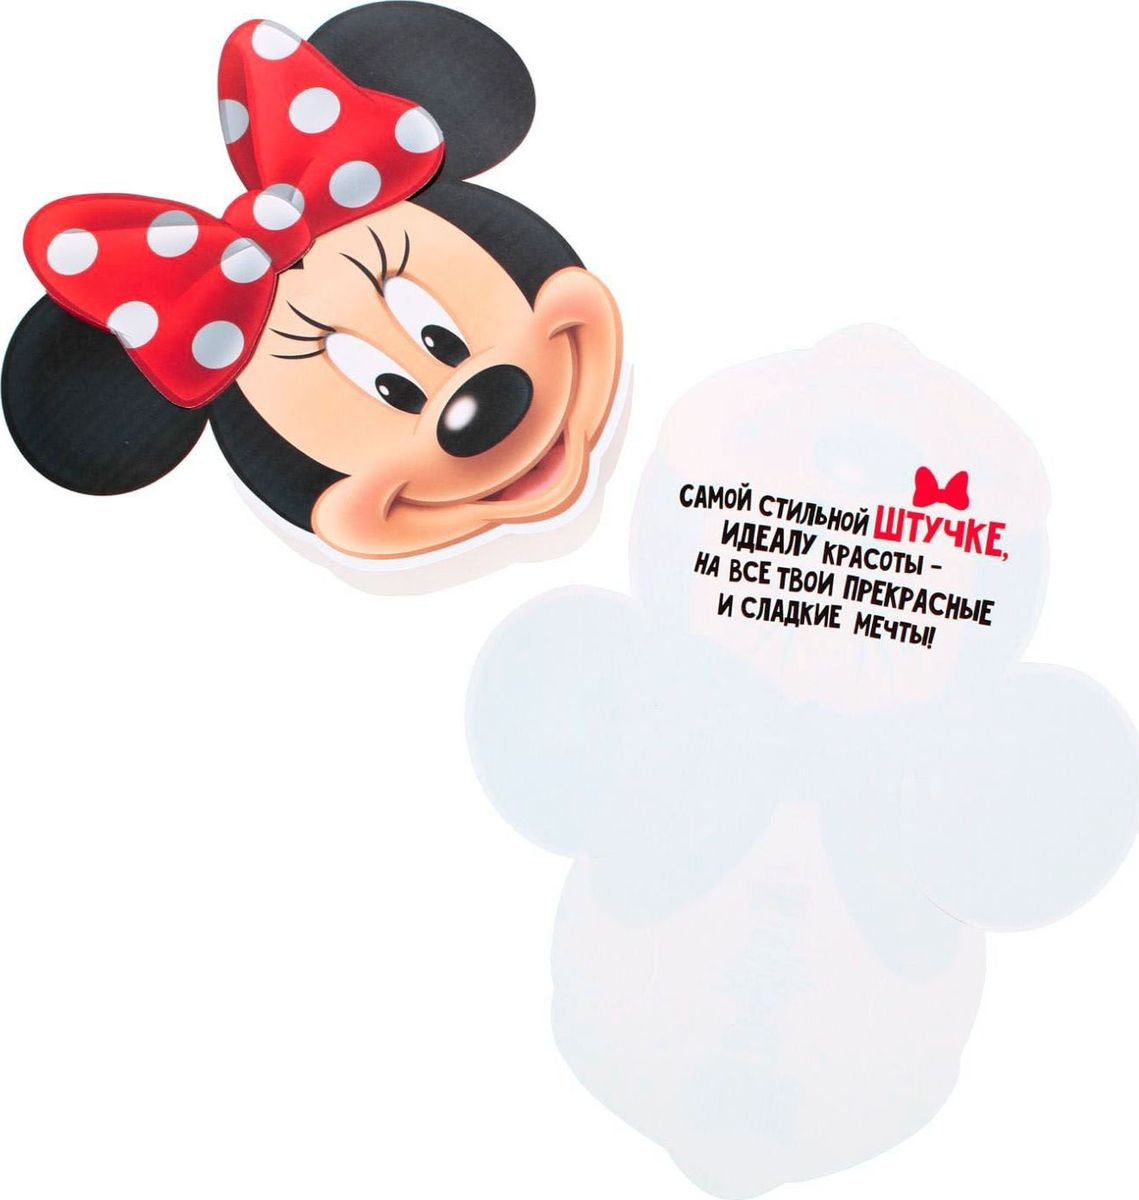 Конверт для денег Disney От Минни, 20 х 17,5 см1137066Дарите радость каждый день! Положите в конверт с любимыми героями Disney символическую сумму, и пусть чадо потратит её так, как хочет, а потом расскажет о сделанном выборе.Известные персонажи помогут красиво вручить такой универсальный подарок и осуществить мечту ребёнка.